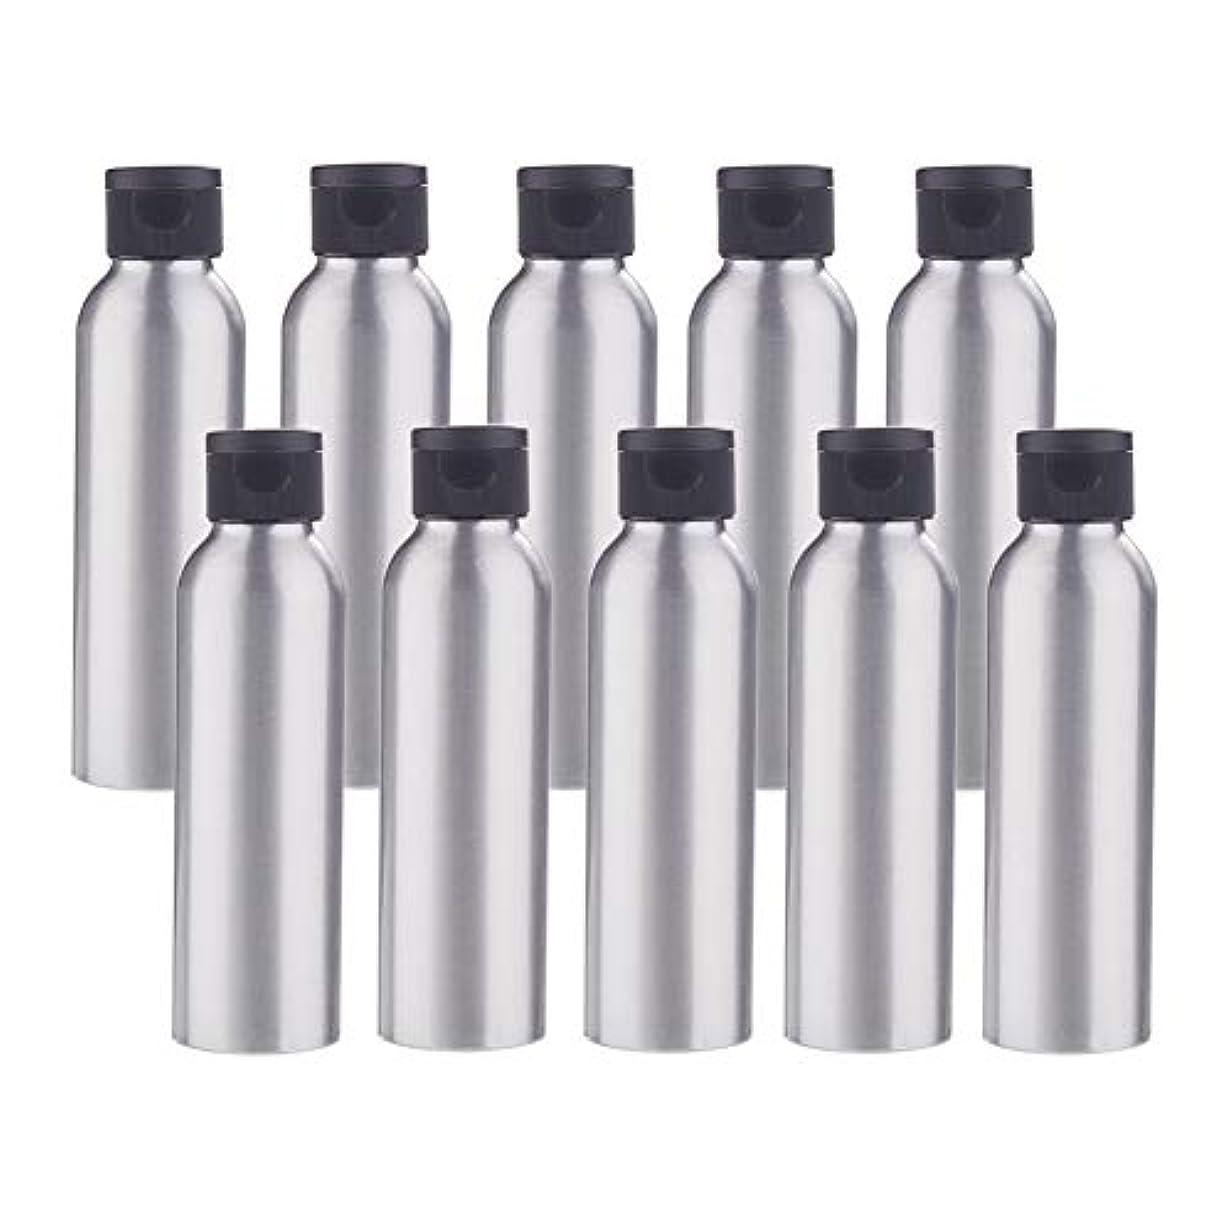 キノコにやにやすべきBENECREAT 10個セット120mlアルミボトル フリップカバー空瓶 防錆 遮光 軽量 化粧品 シャンプー 小分け 詰め替え 黒いプラスチック蓋